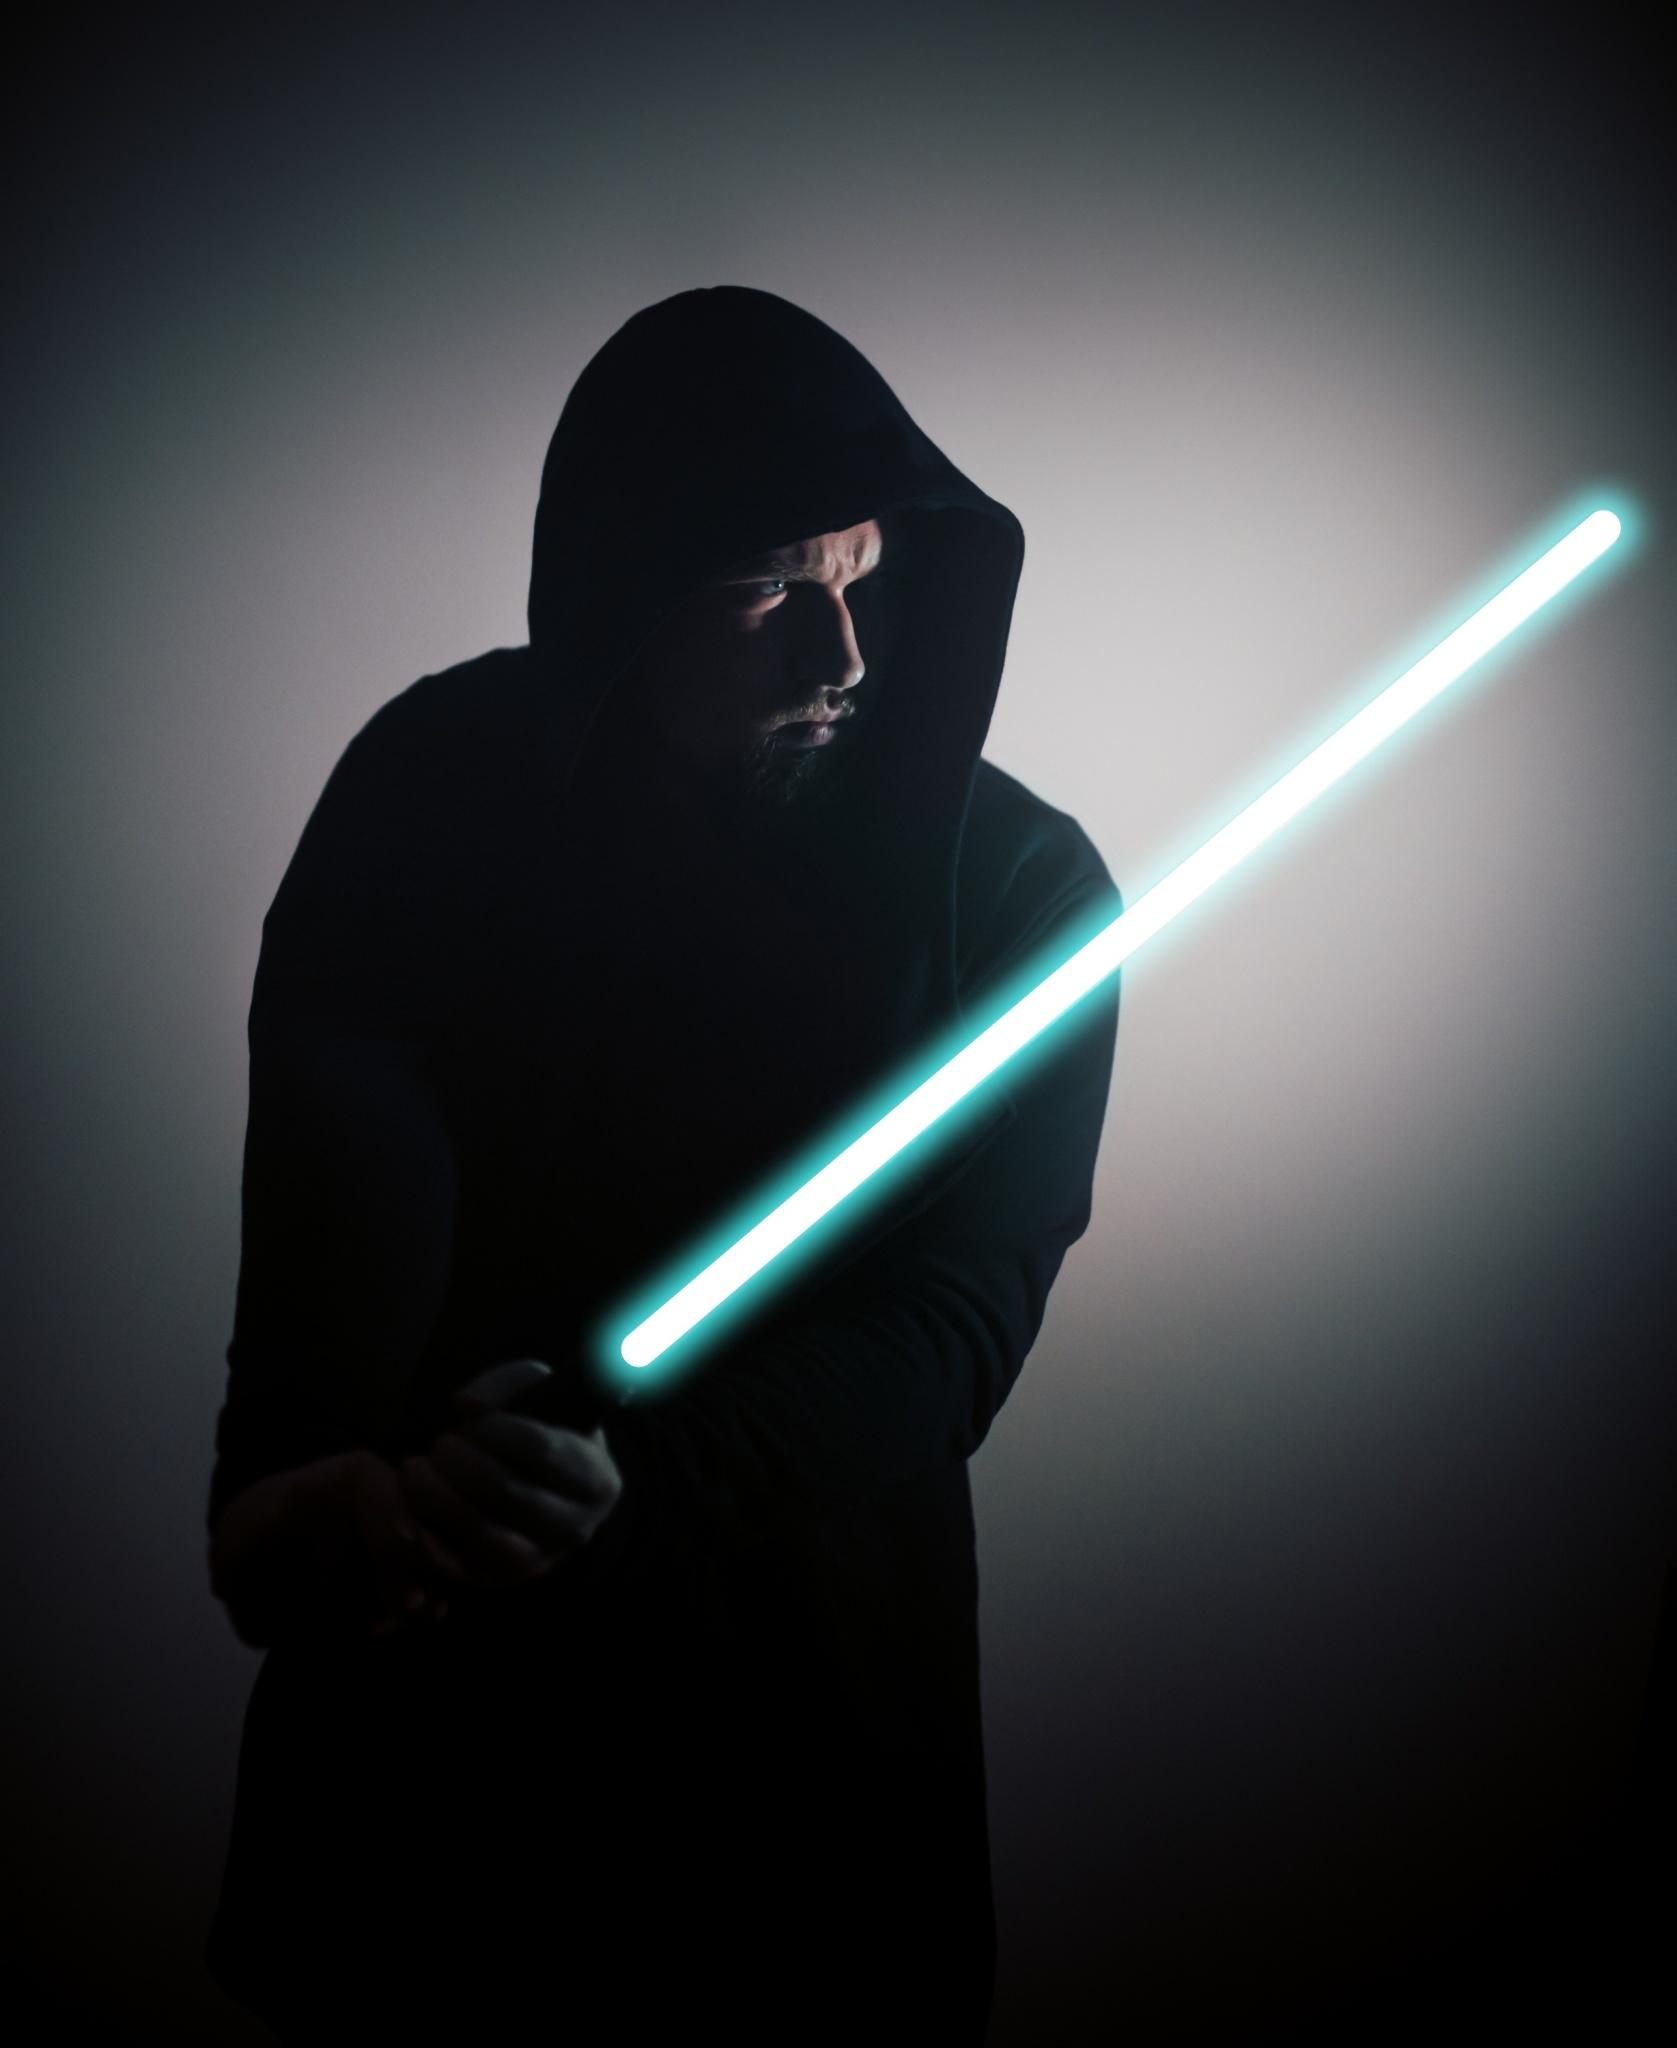 Star Wars speciál: přidejte si do fotky světelný meč - finální foto